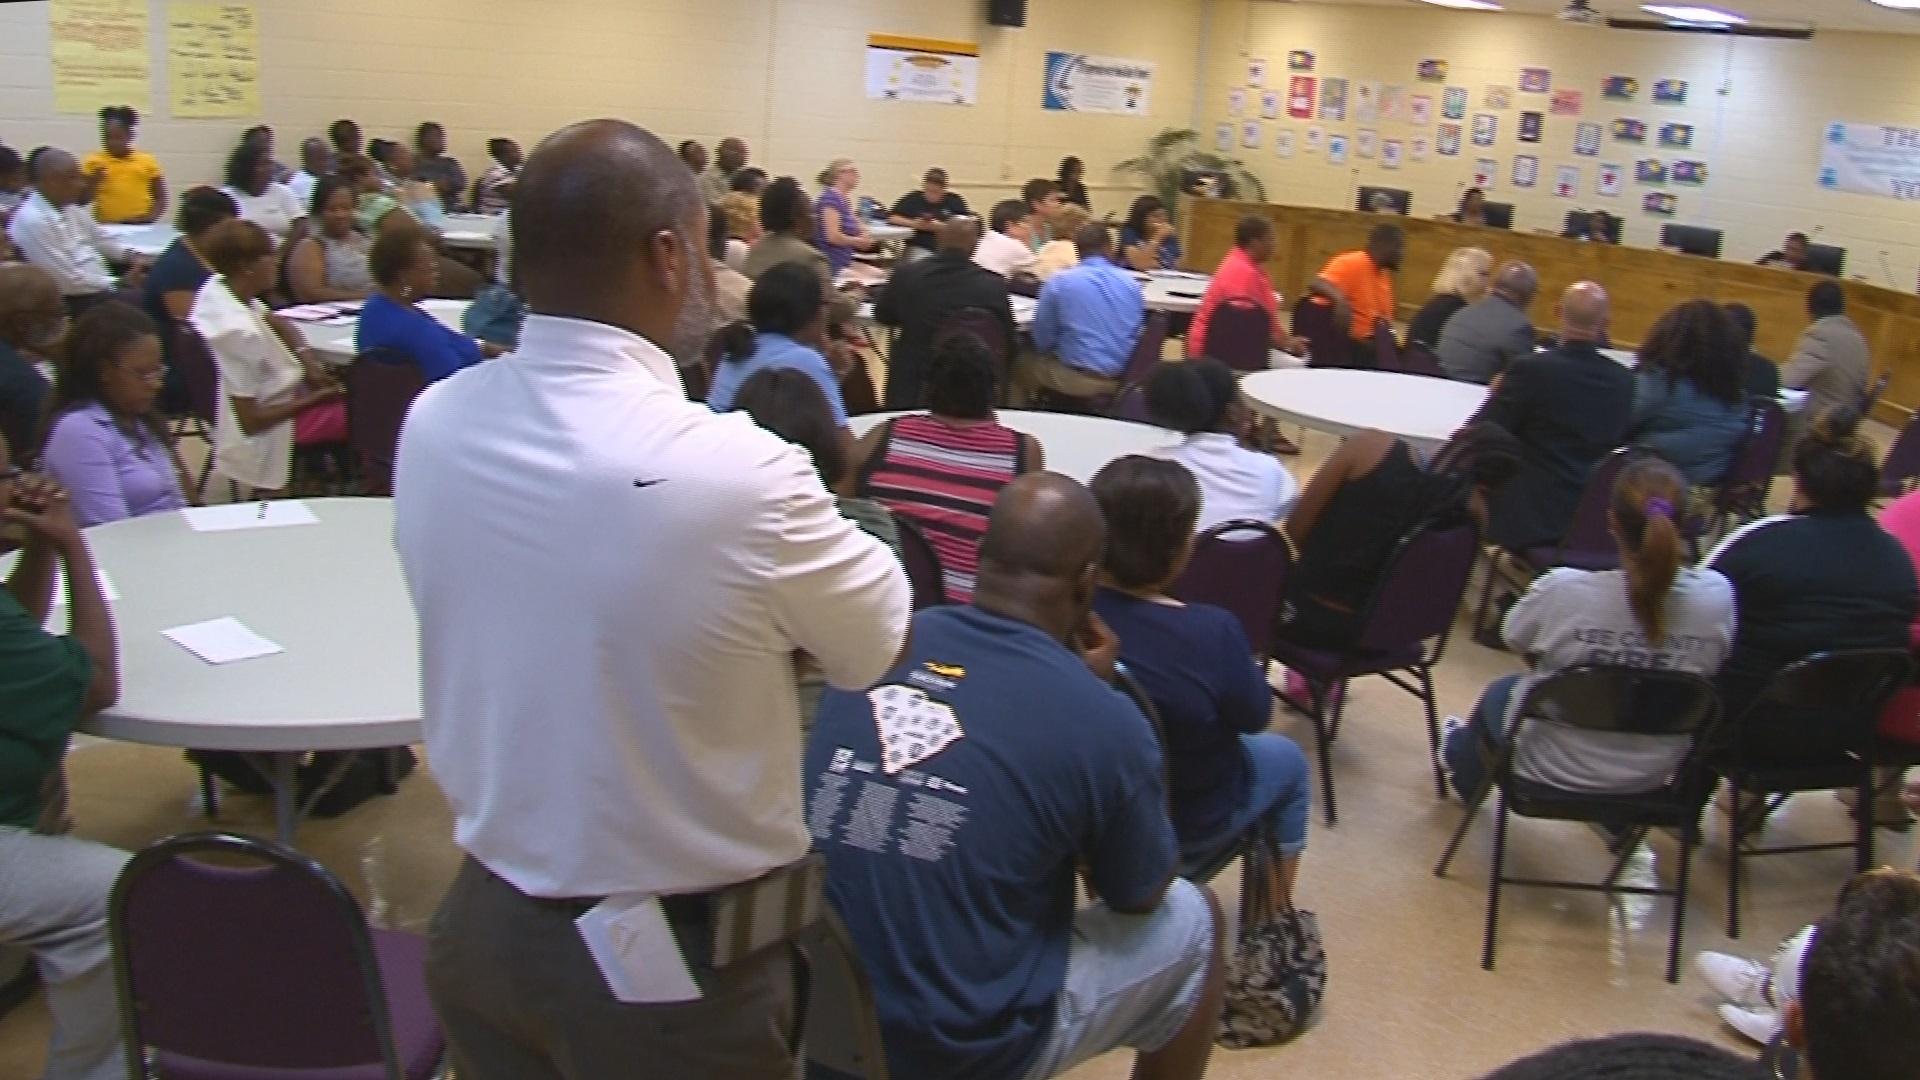 Blue apron hiring - Lee County Has A Shortage Of Teachers Parents Voice Concerns Wltx Com